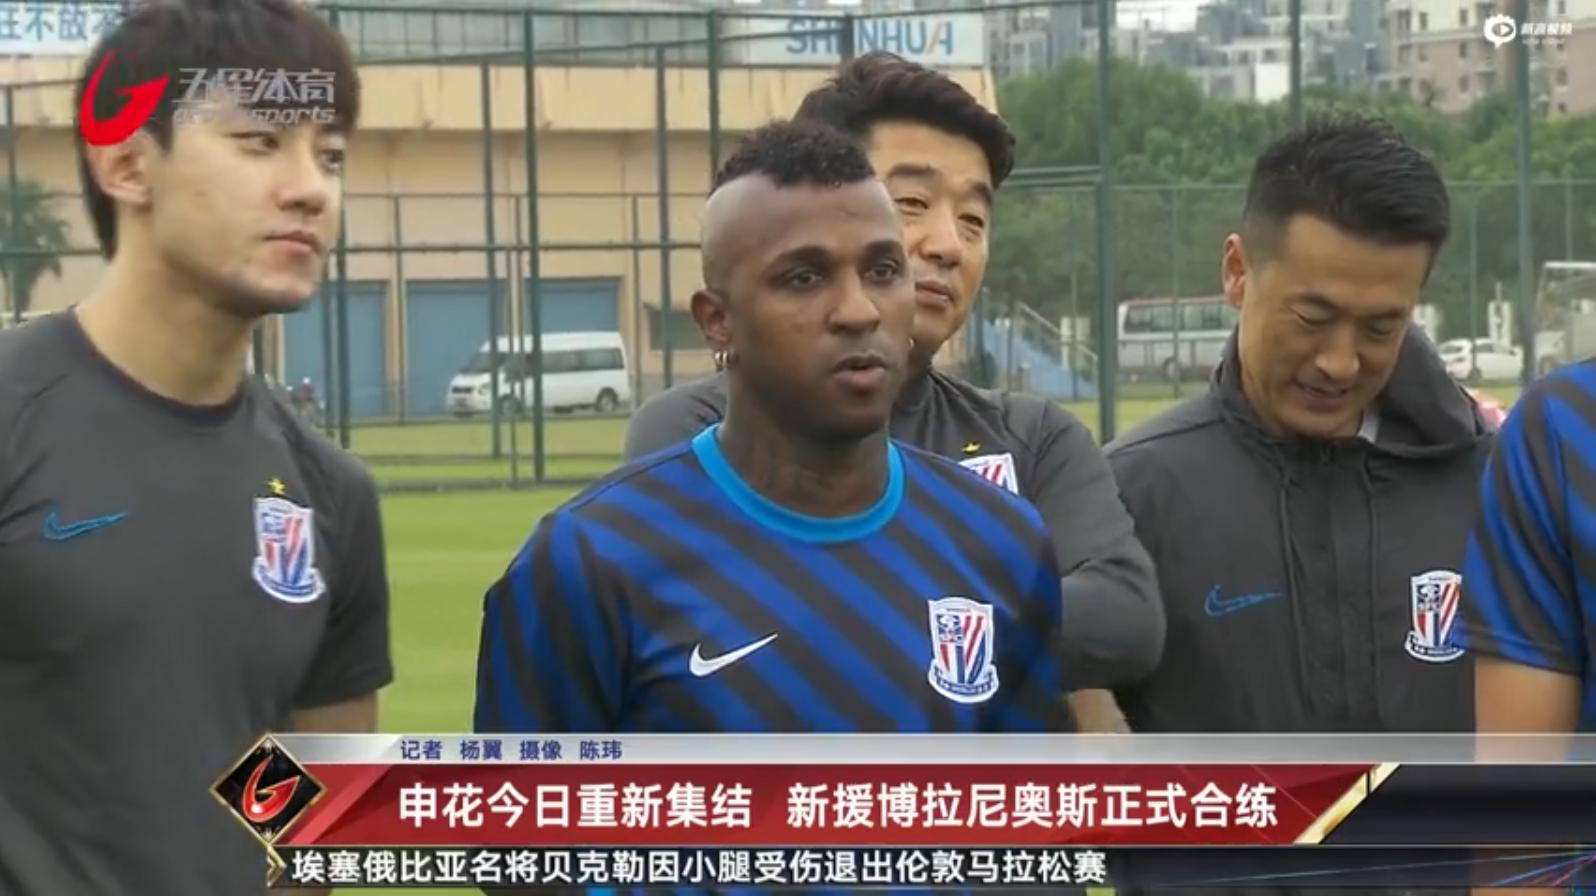 视频-申花今日重新集结 新援博拉尼奥斯正式合练